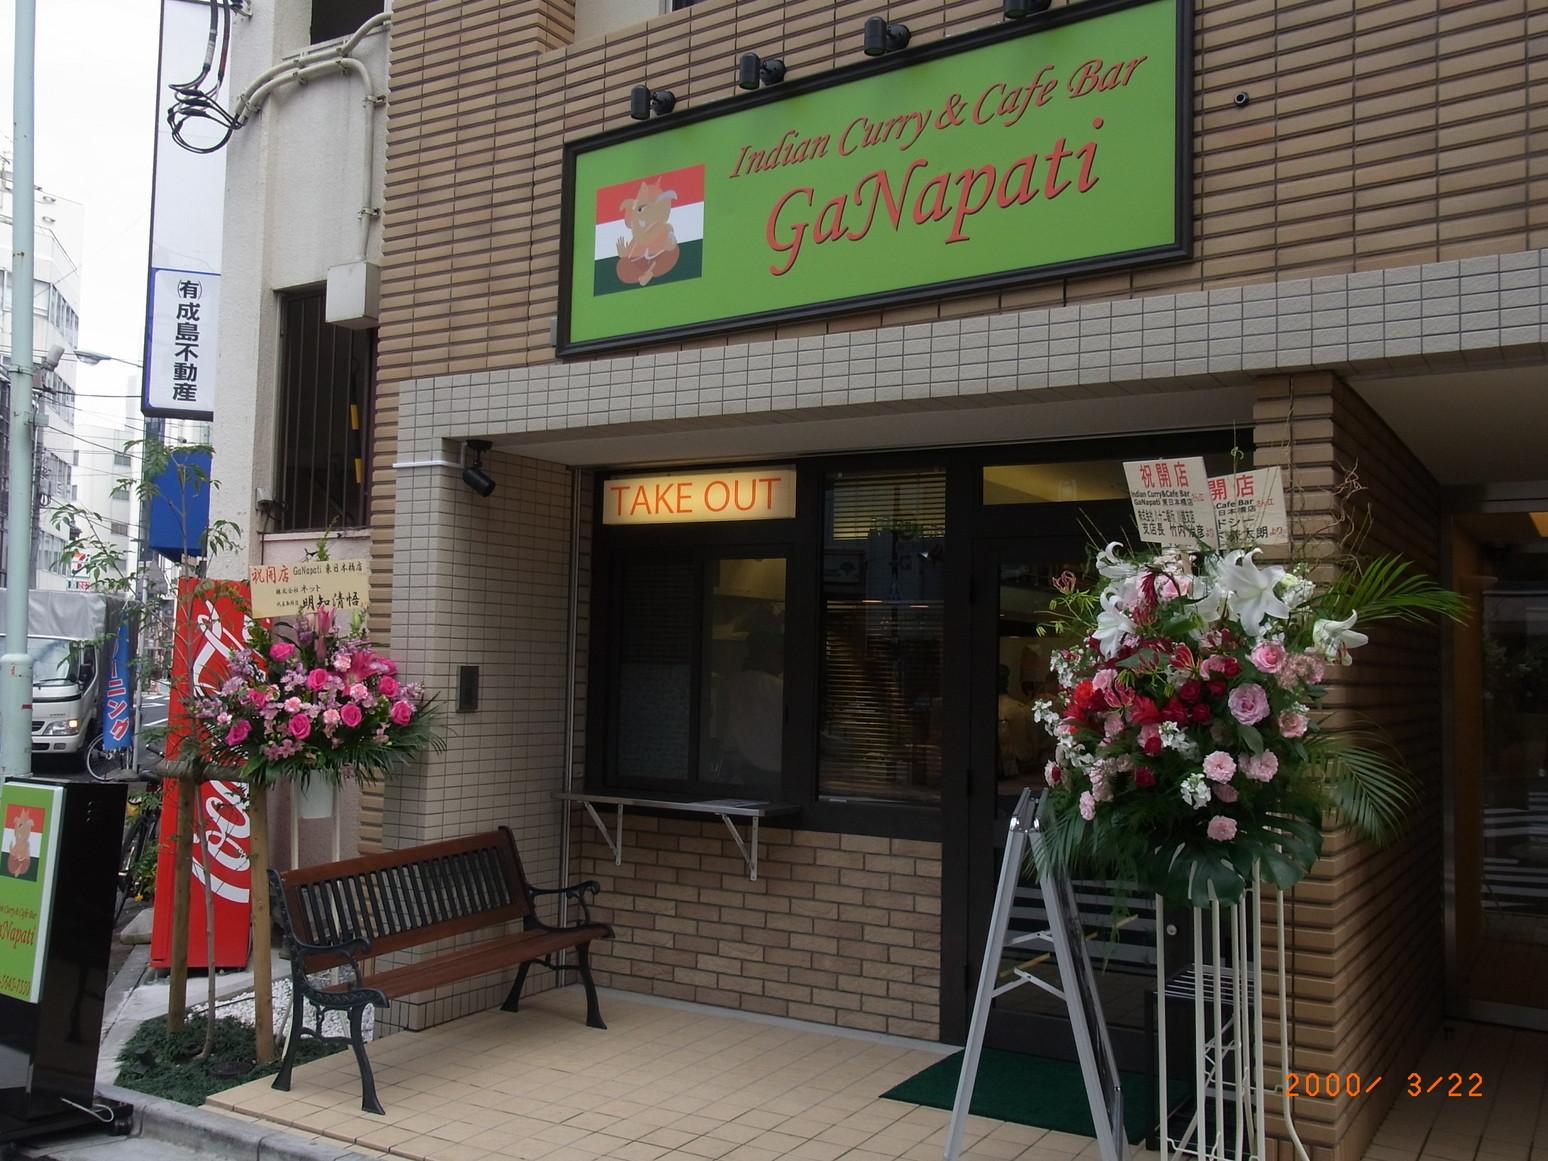 ガナパティ 東日本橋店